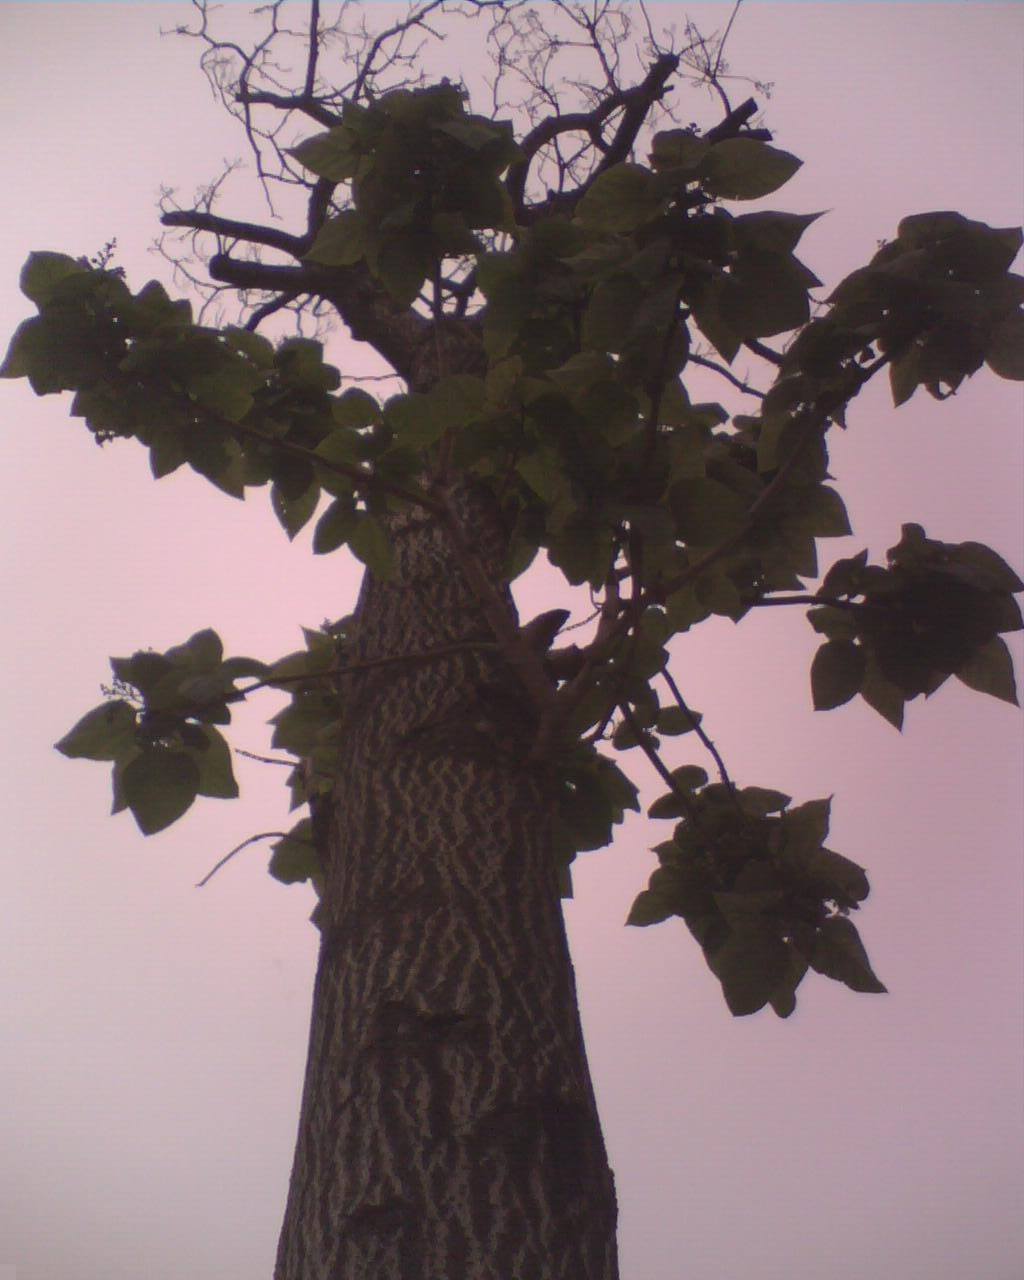 11年6月19日 10点52,在学校游泳馆附近,一棵老树秃了。